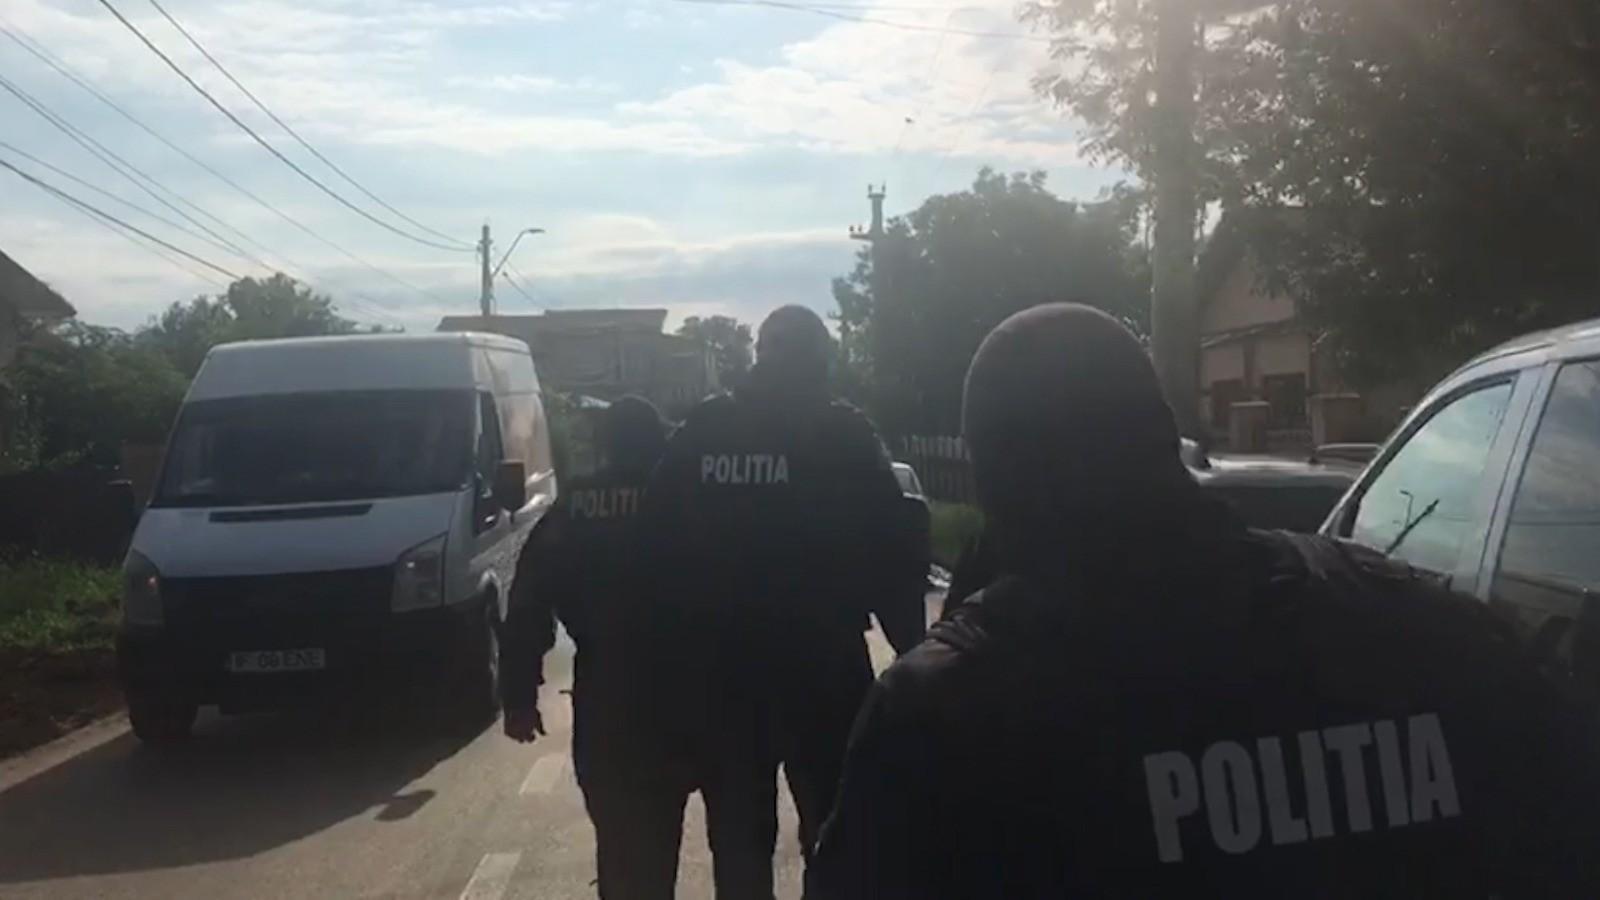 Primarul din Ștefănești, acuzat că a violat o fetiță de 13 ani. Victima a rămas însărcinată în urma abuzului